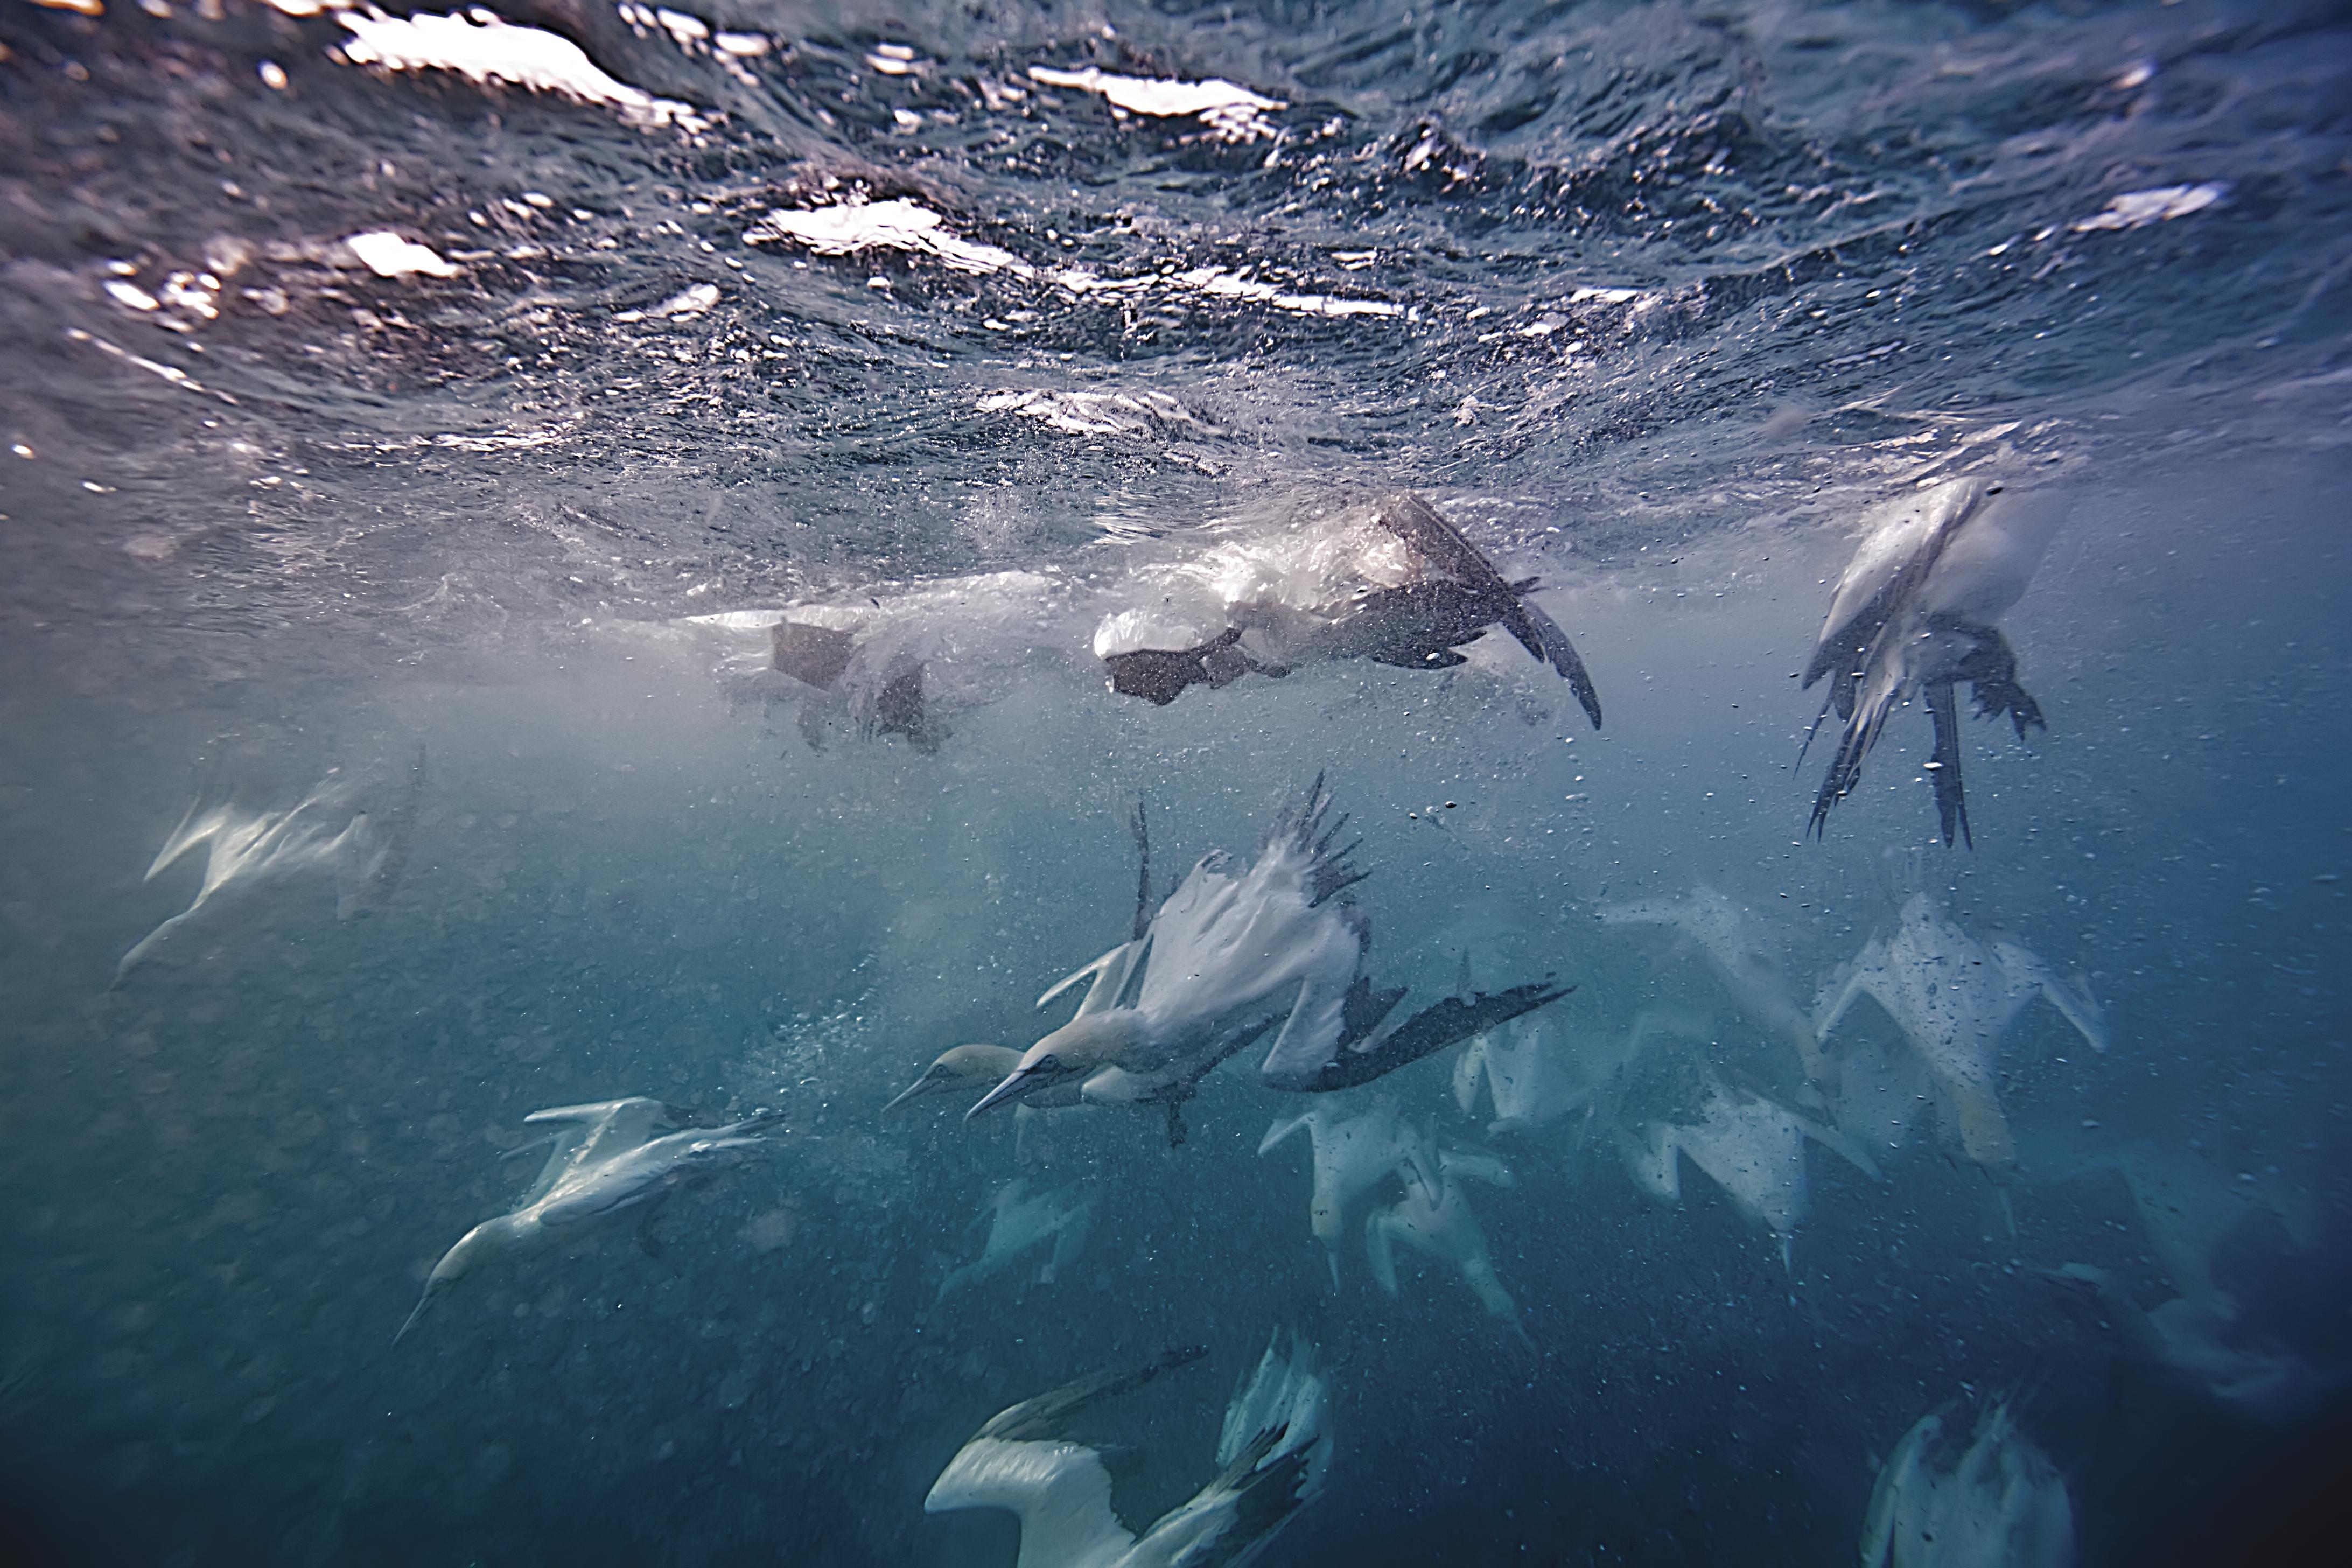 Gannets feast on sardines